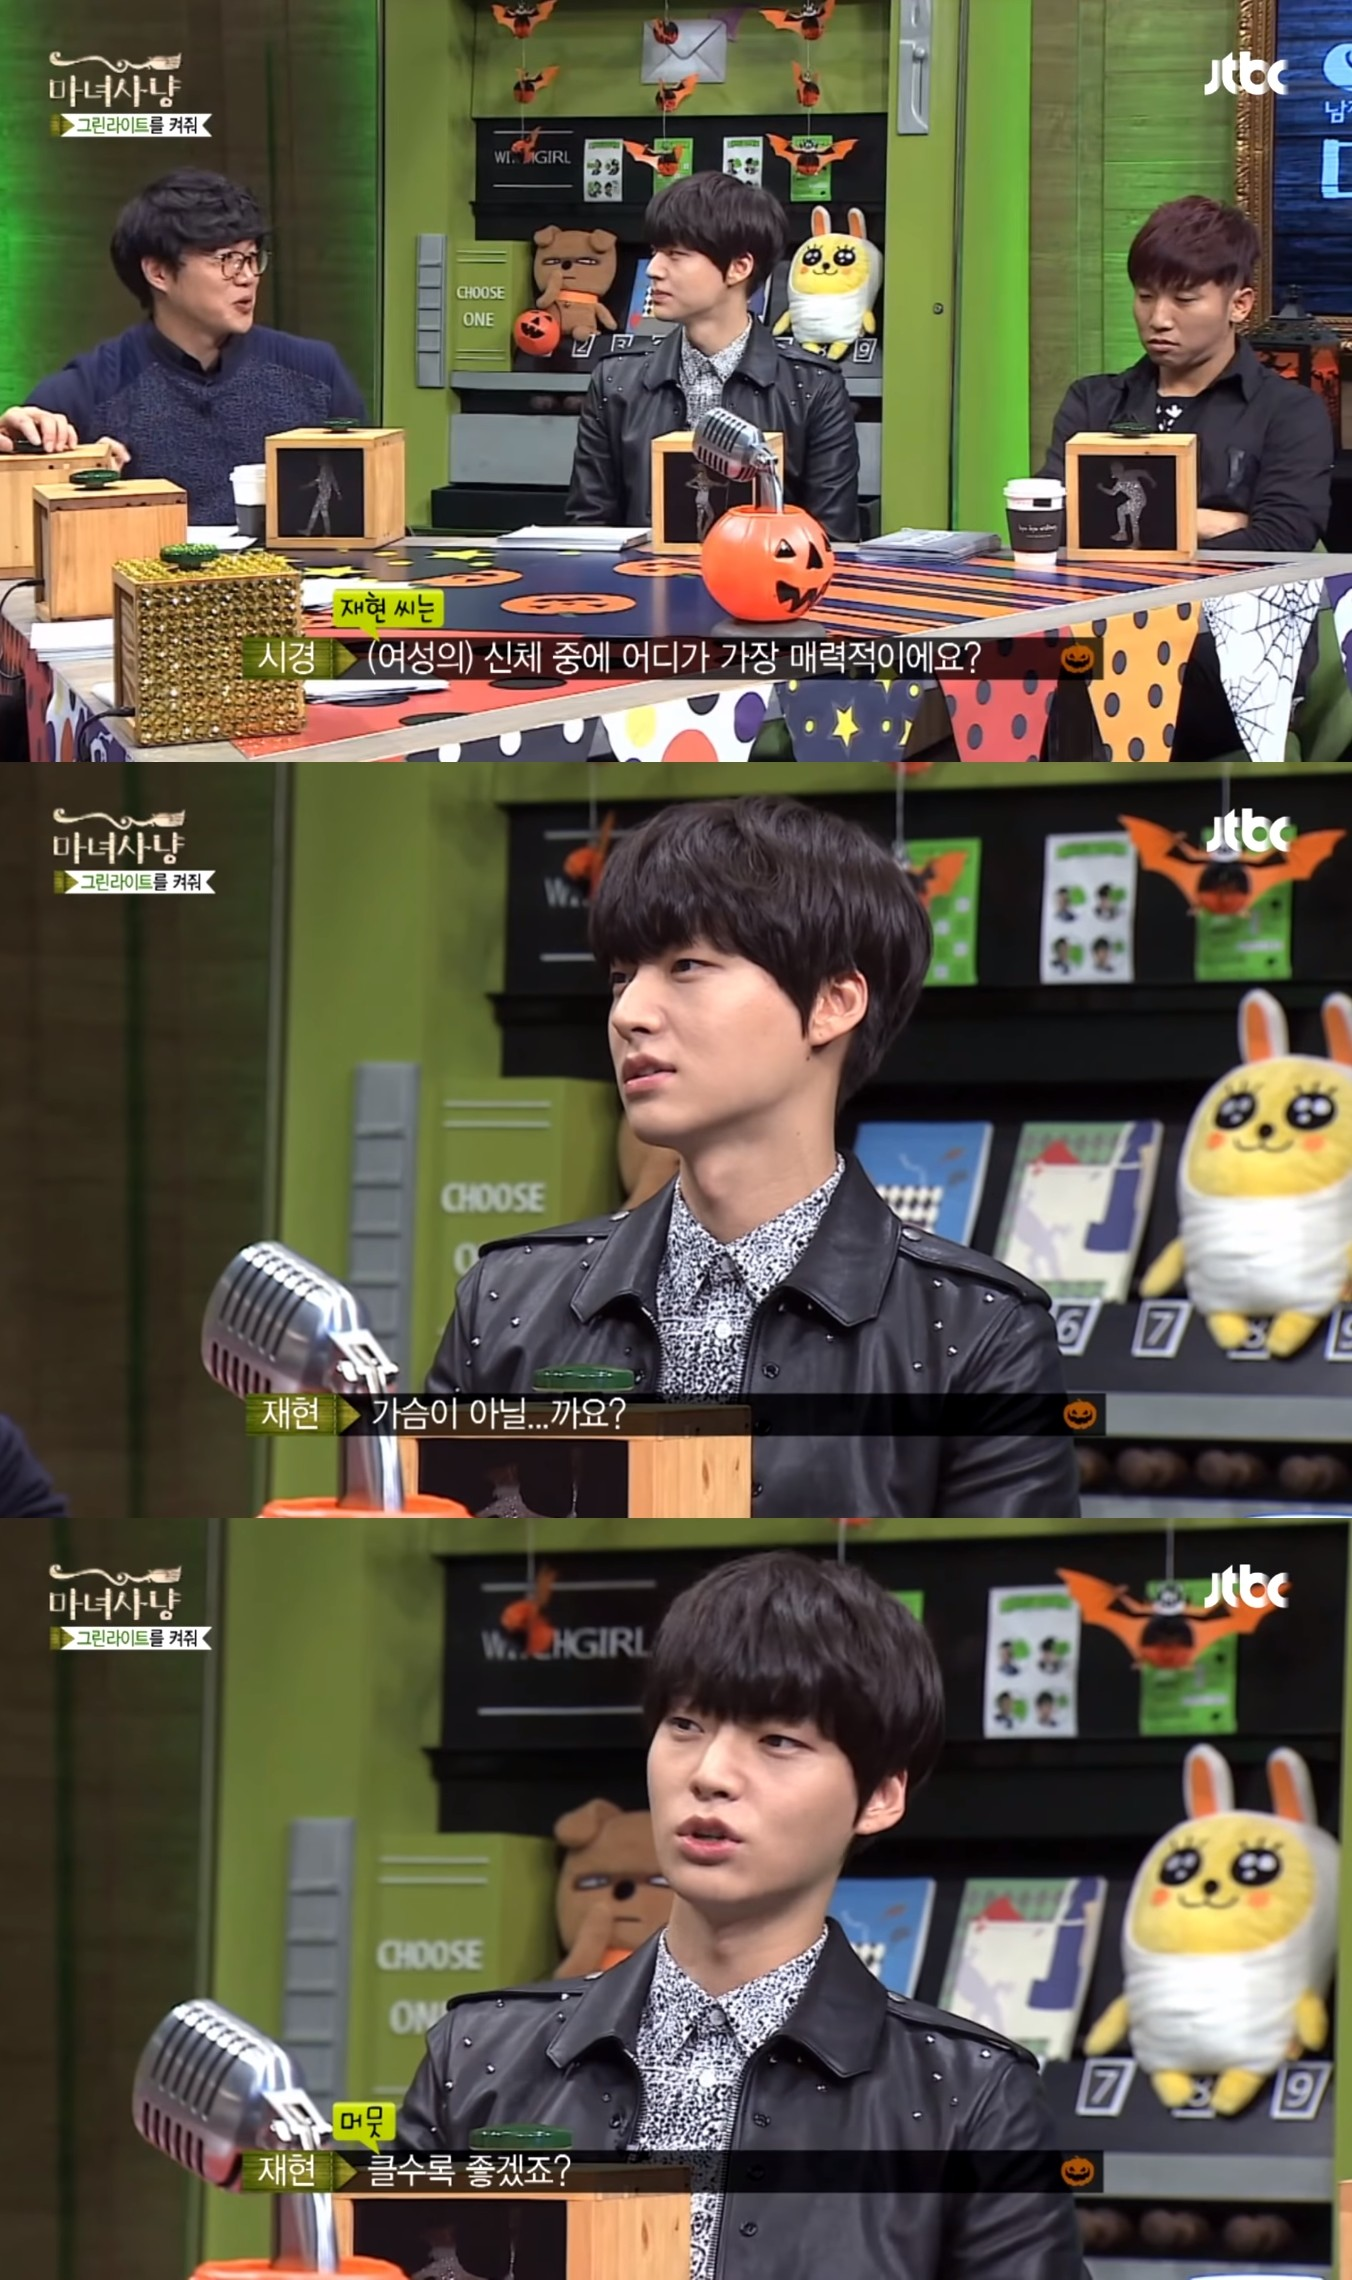 ▲安宰賢喜歡大胸部。(圖/翻攝自JTBC Entertainment YouTube)